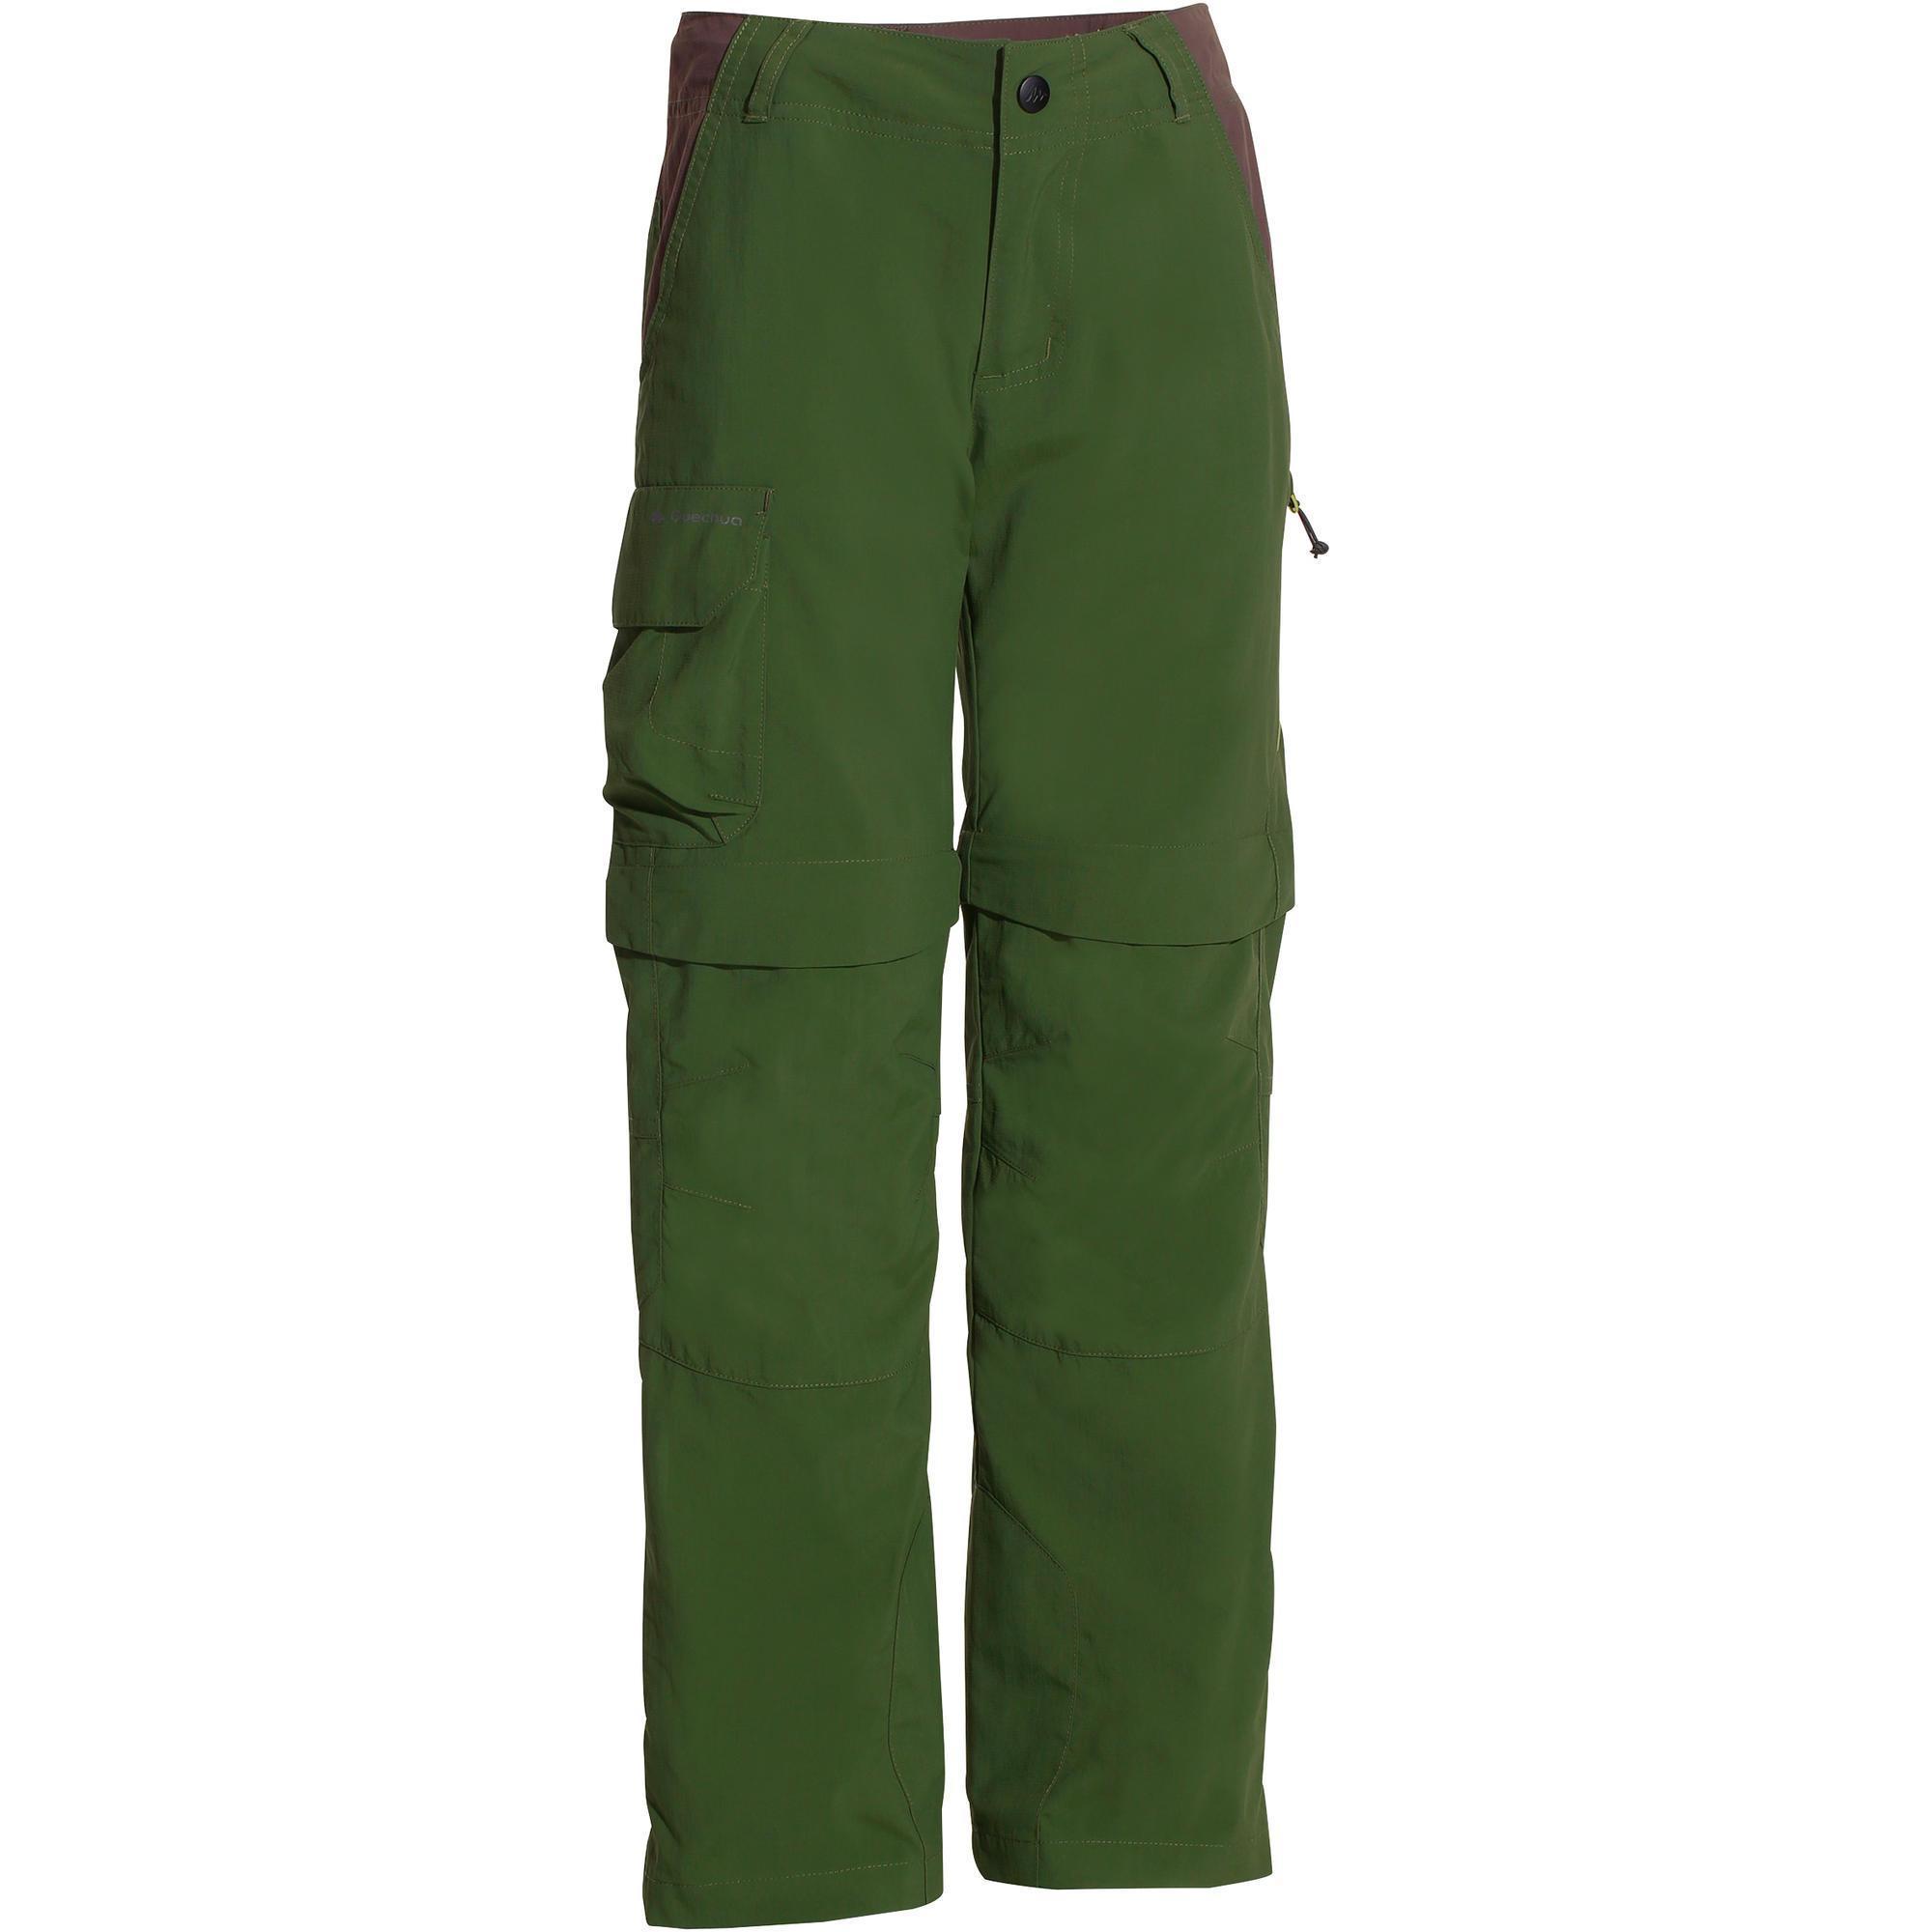 Jungen,Kinder,Kinder Zip-off-Wanderhose Hike 900 Kinder Jungen grün | 03608439512308